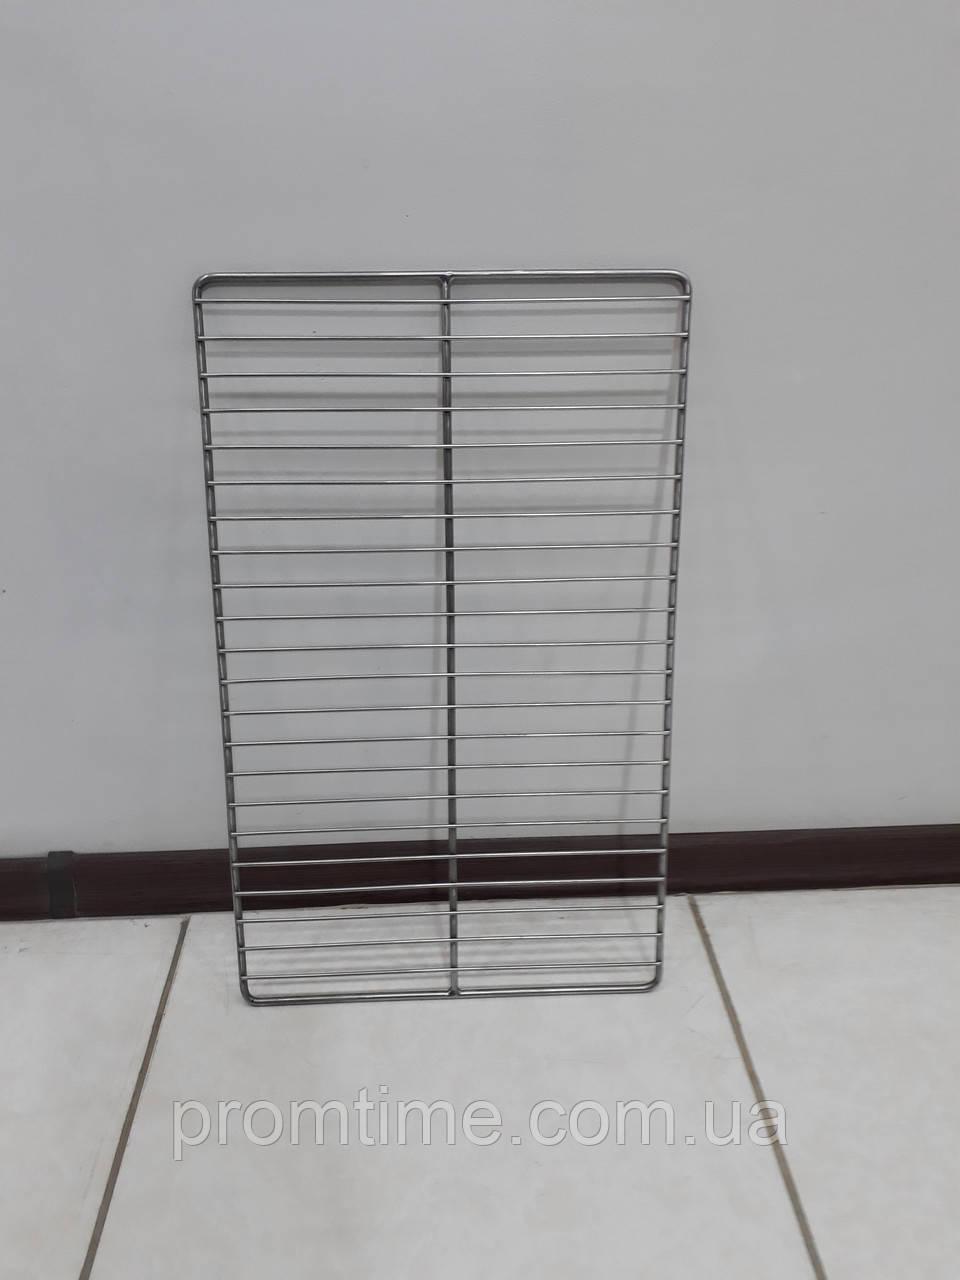 Полка решетчатая 530х325 (размер GN 1\1)